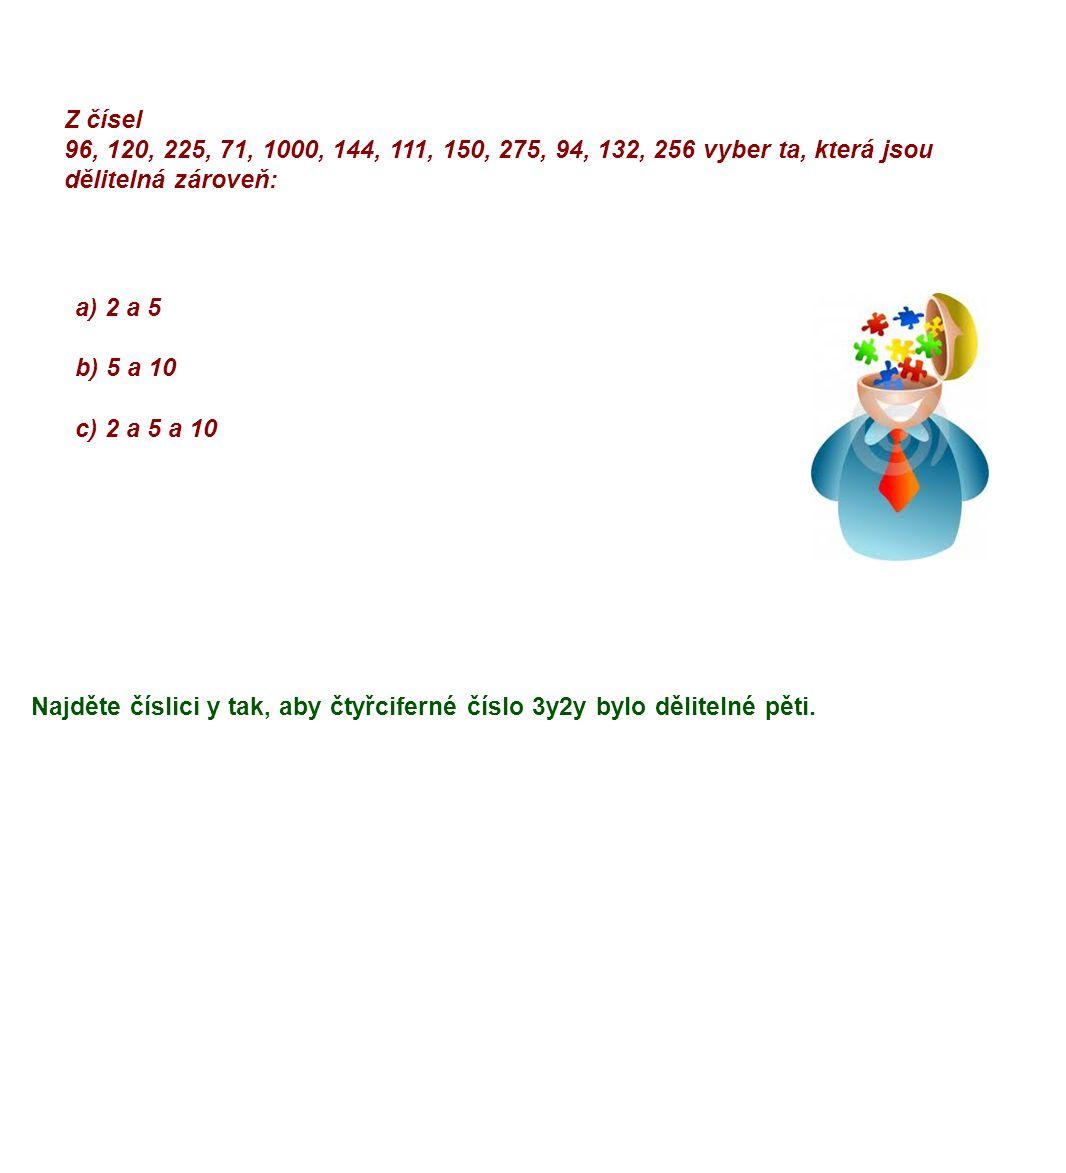 Z čísel 96, 120, 225, 71, 1000, 144, 111, 150, 275, 94, 132, 256 vyber ta, která jsou dělitelná zároveň: